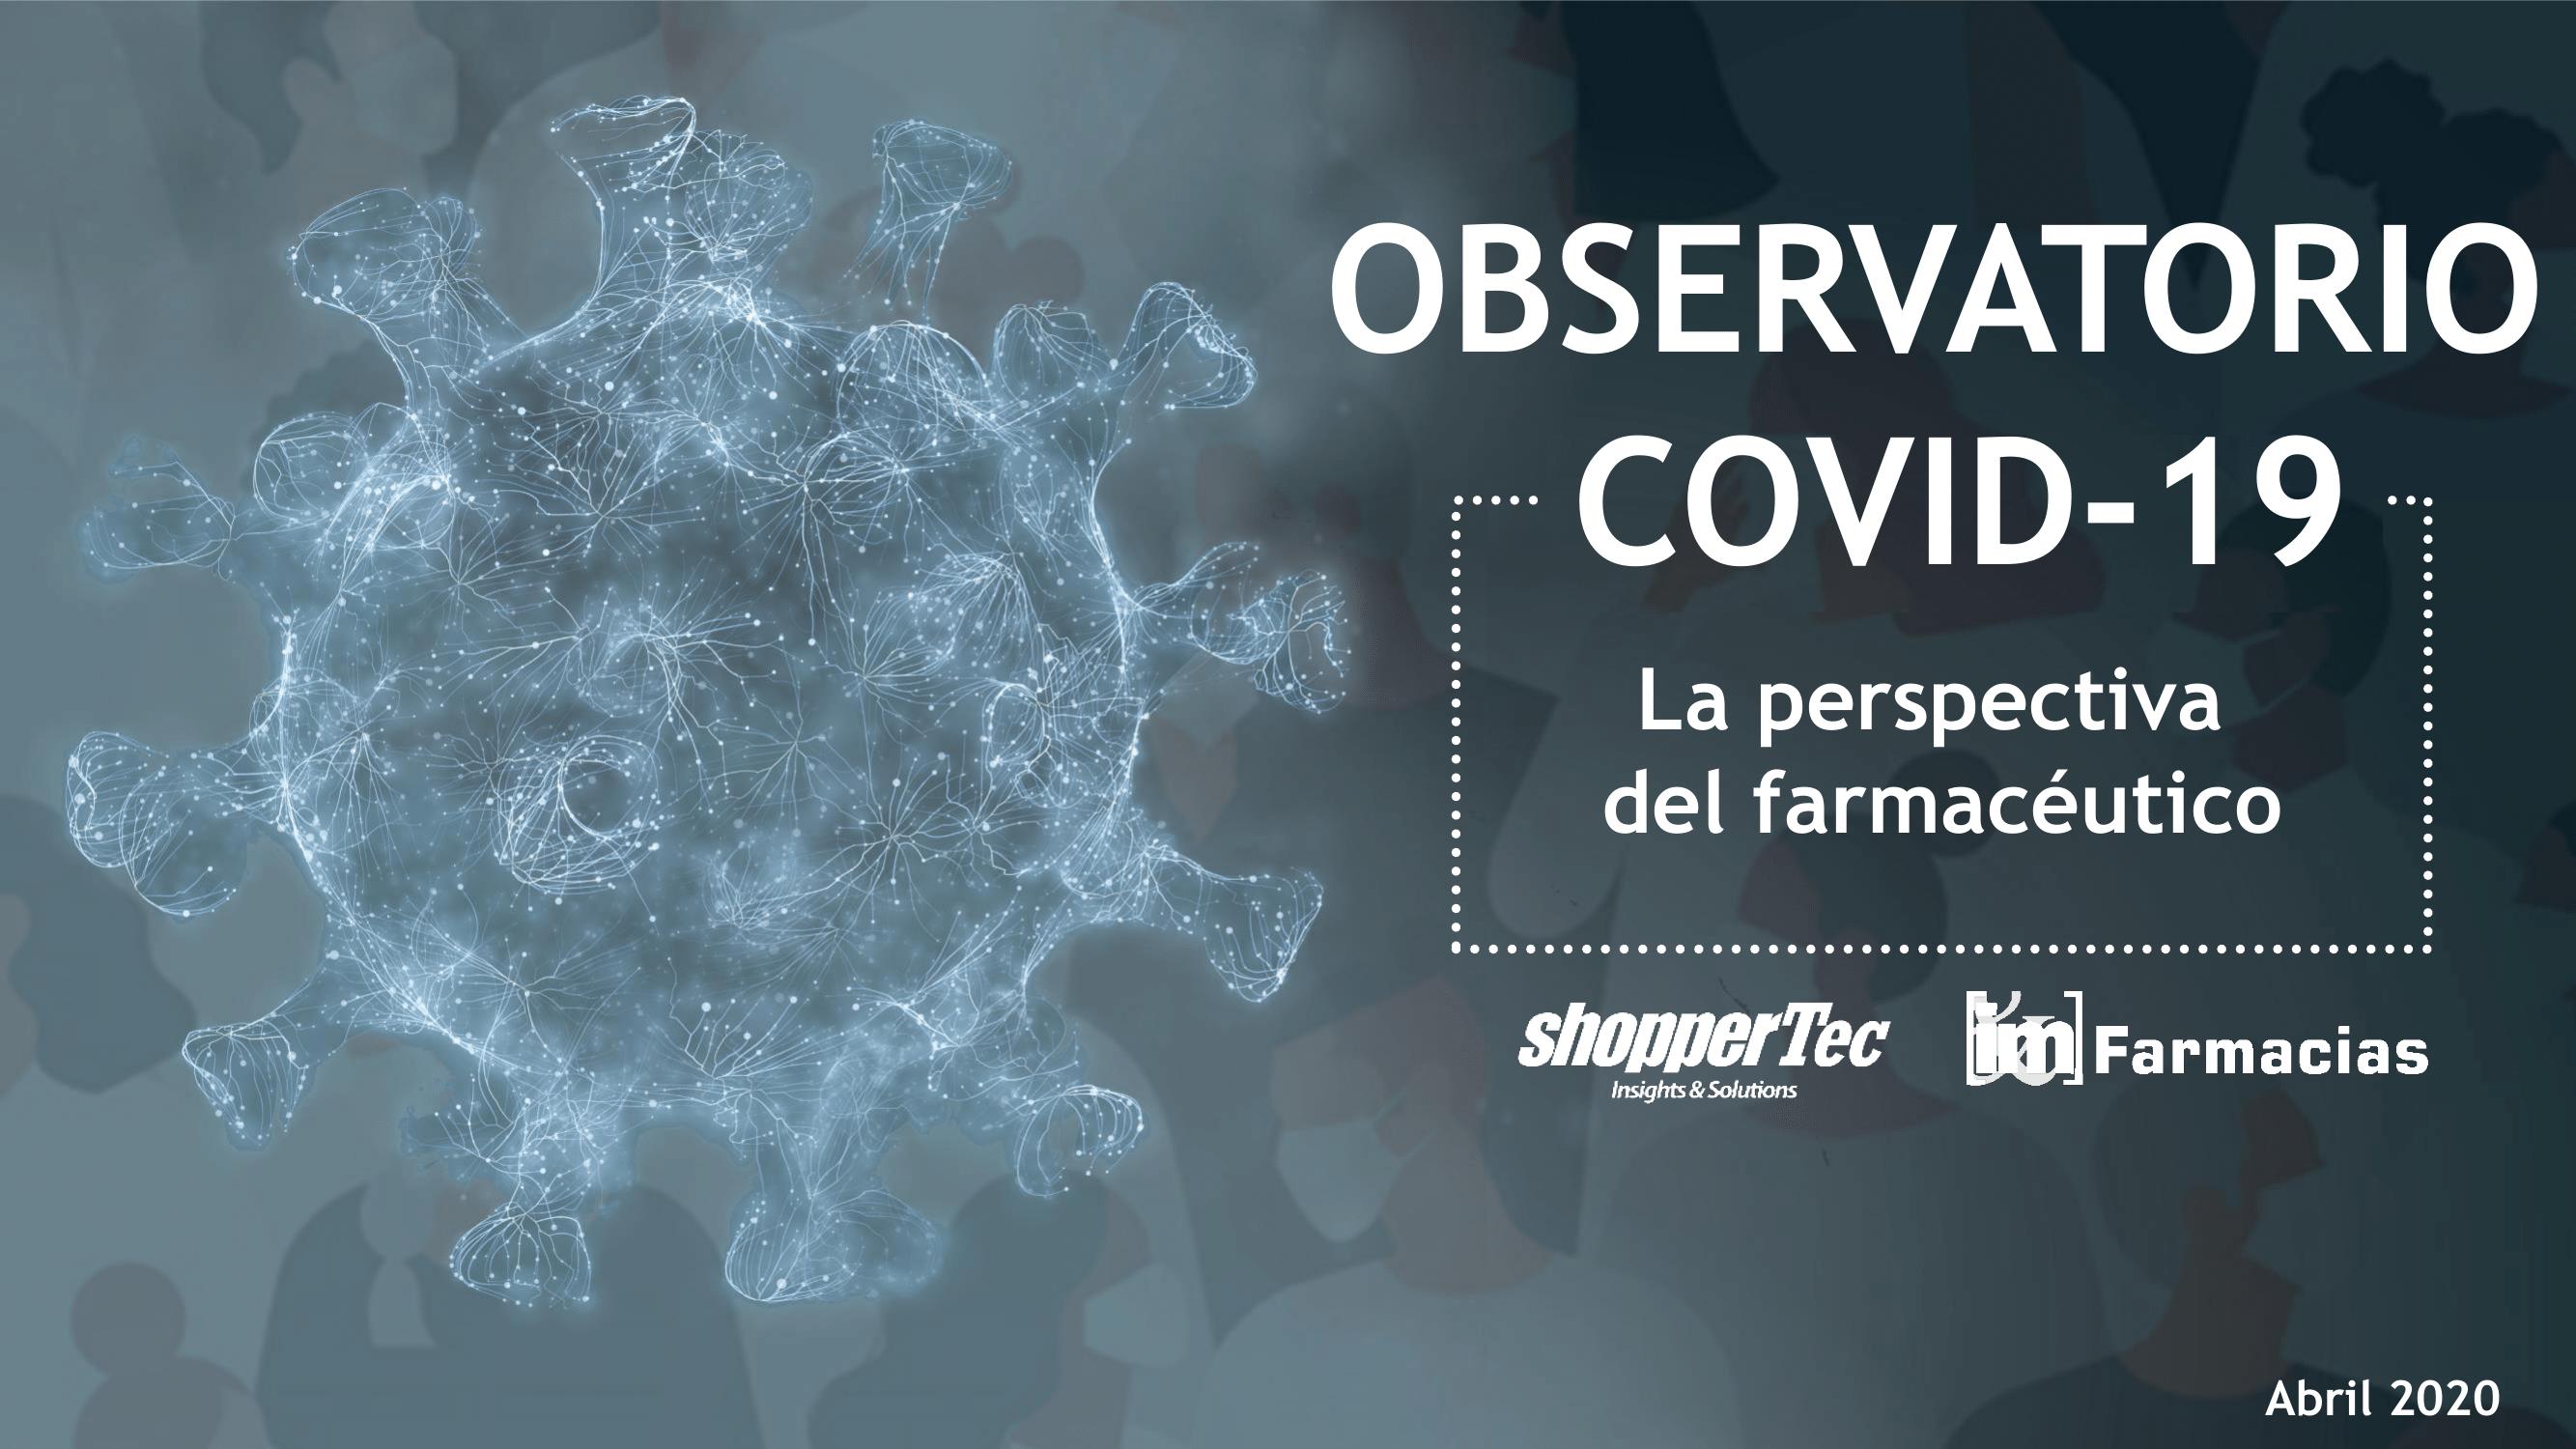 observatorio_covid-19_coronavirus_shoppertec_imfarmacias